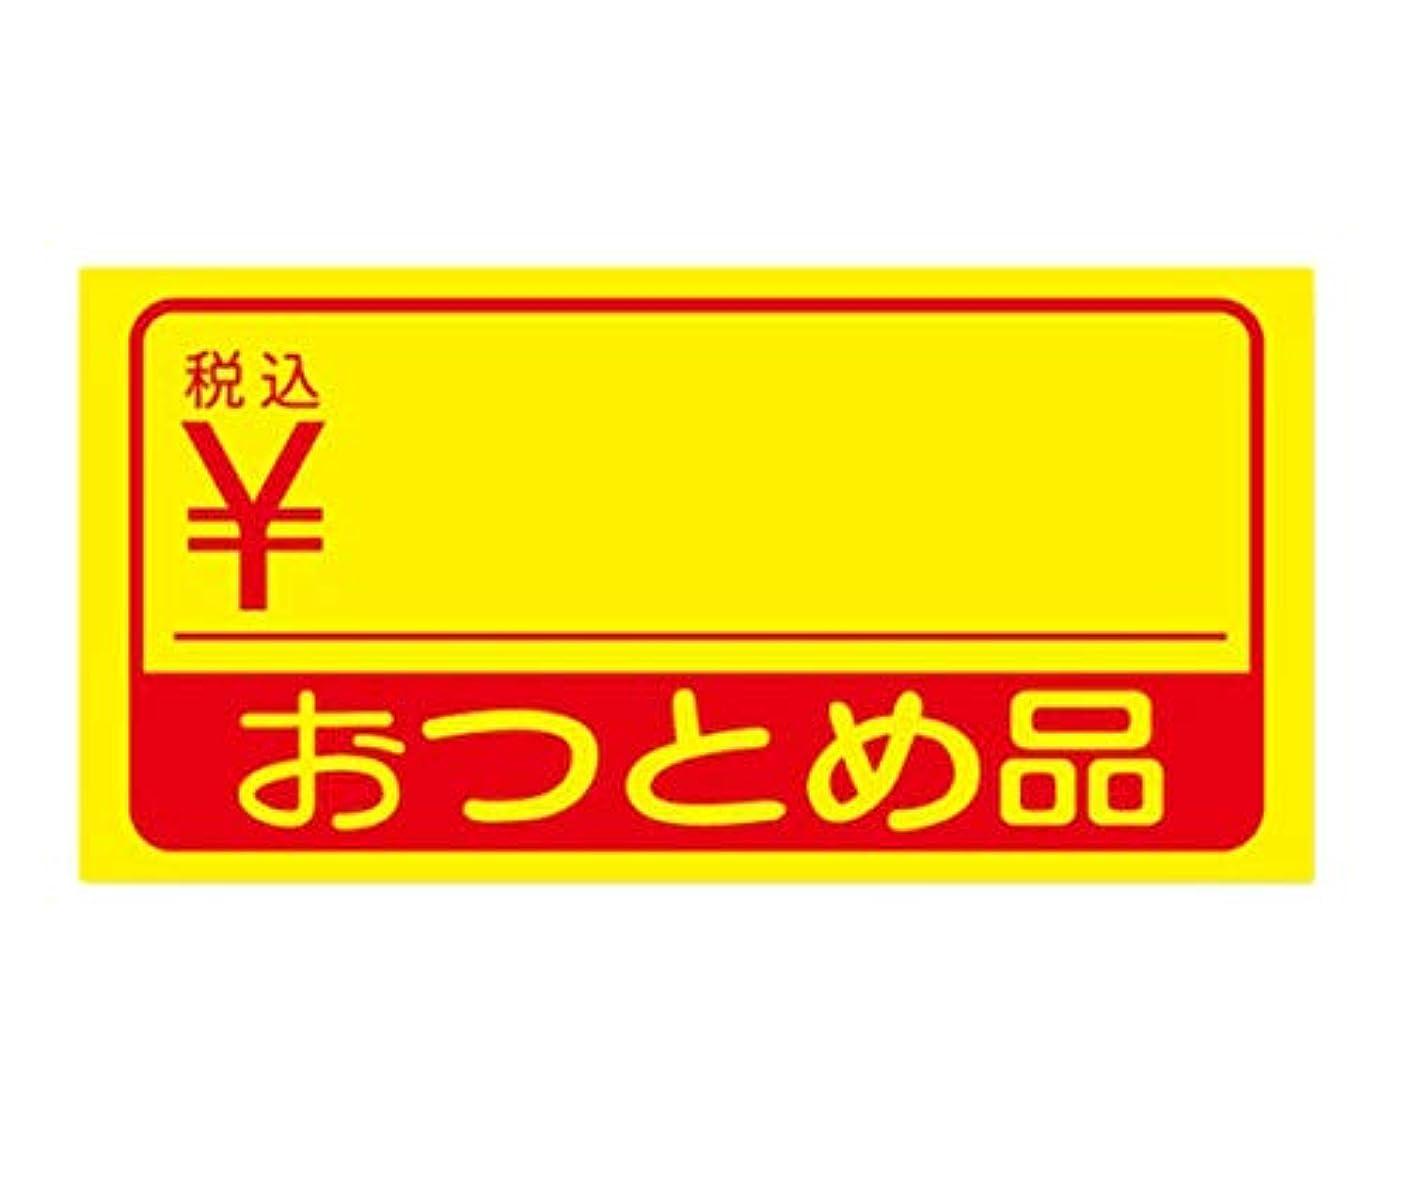 同級生流産予報HEIKO タックラベル (シール) No.169 税込 おつとめ品 300片/62-1031-35